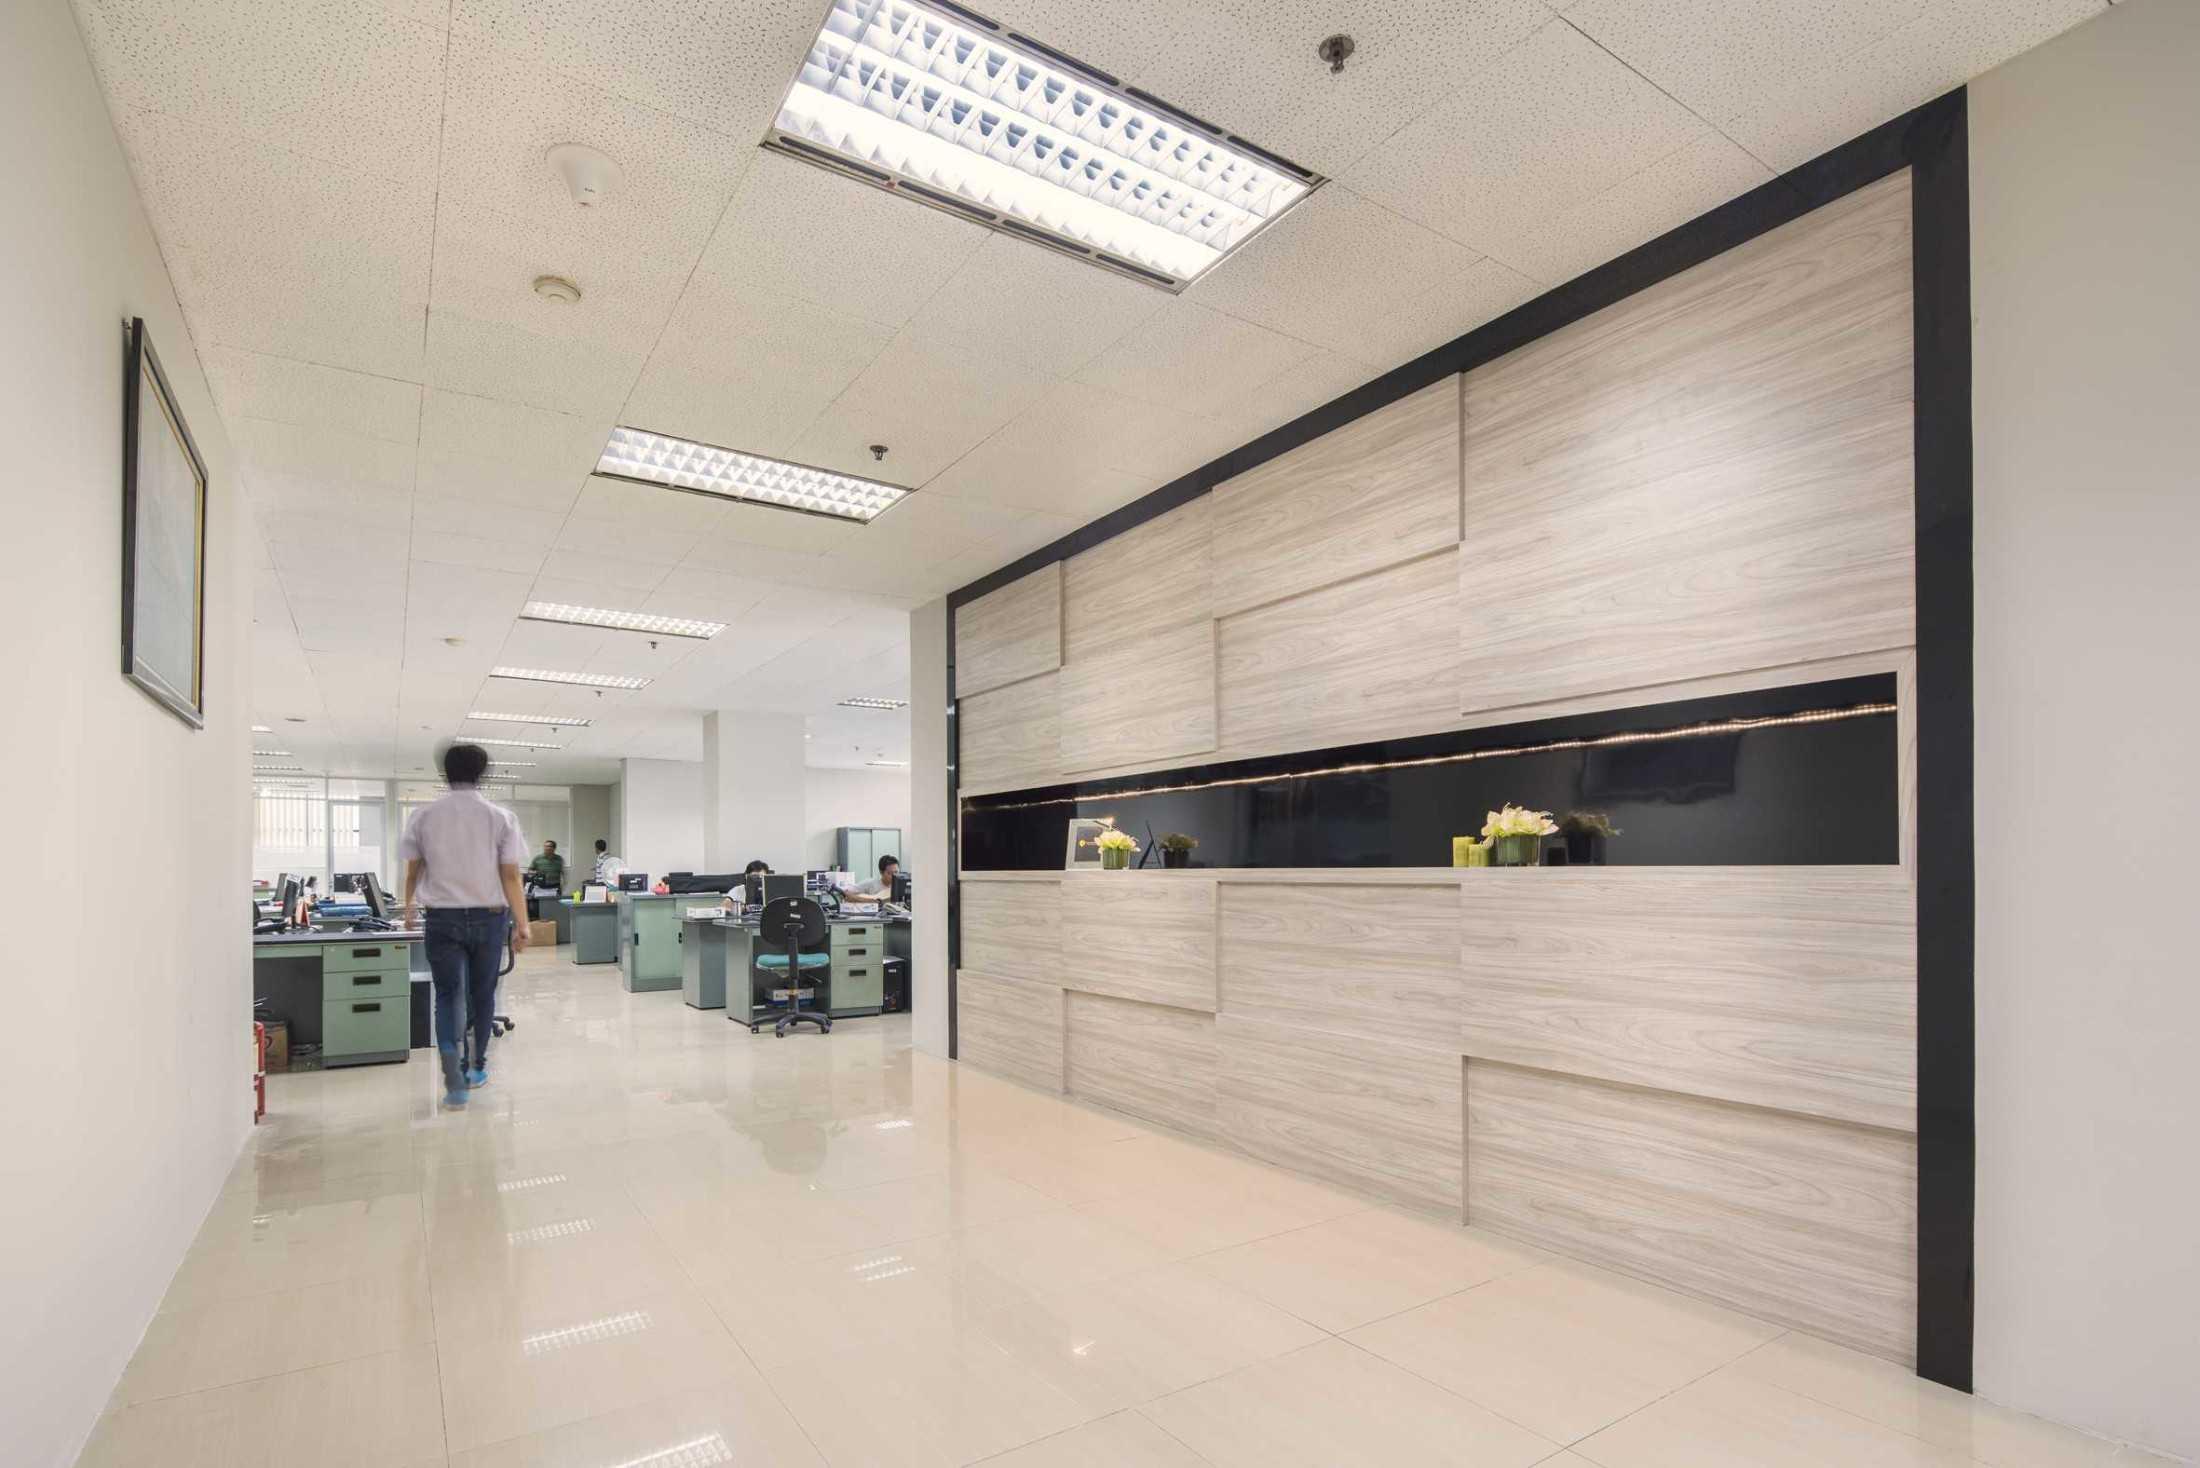 Hausse Interior Evergreen Line Office Surabaya, Kota Sby, Jawa Timur, Indonesia Surabaya, Kota Sby, Jawa Timur, Indonesia Evergreen Line Office  75626